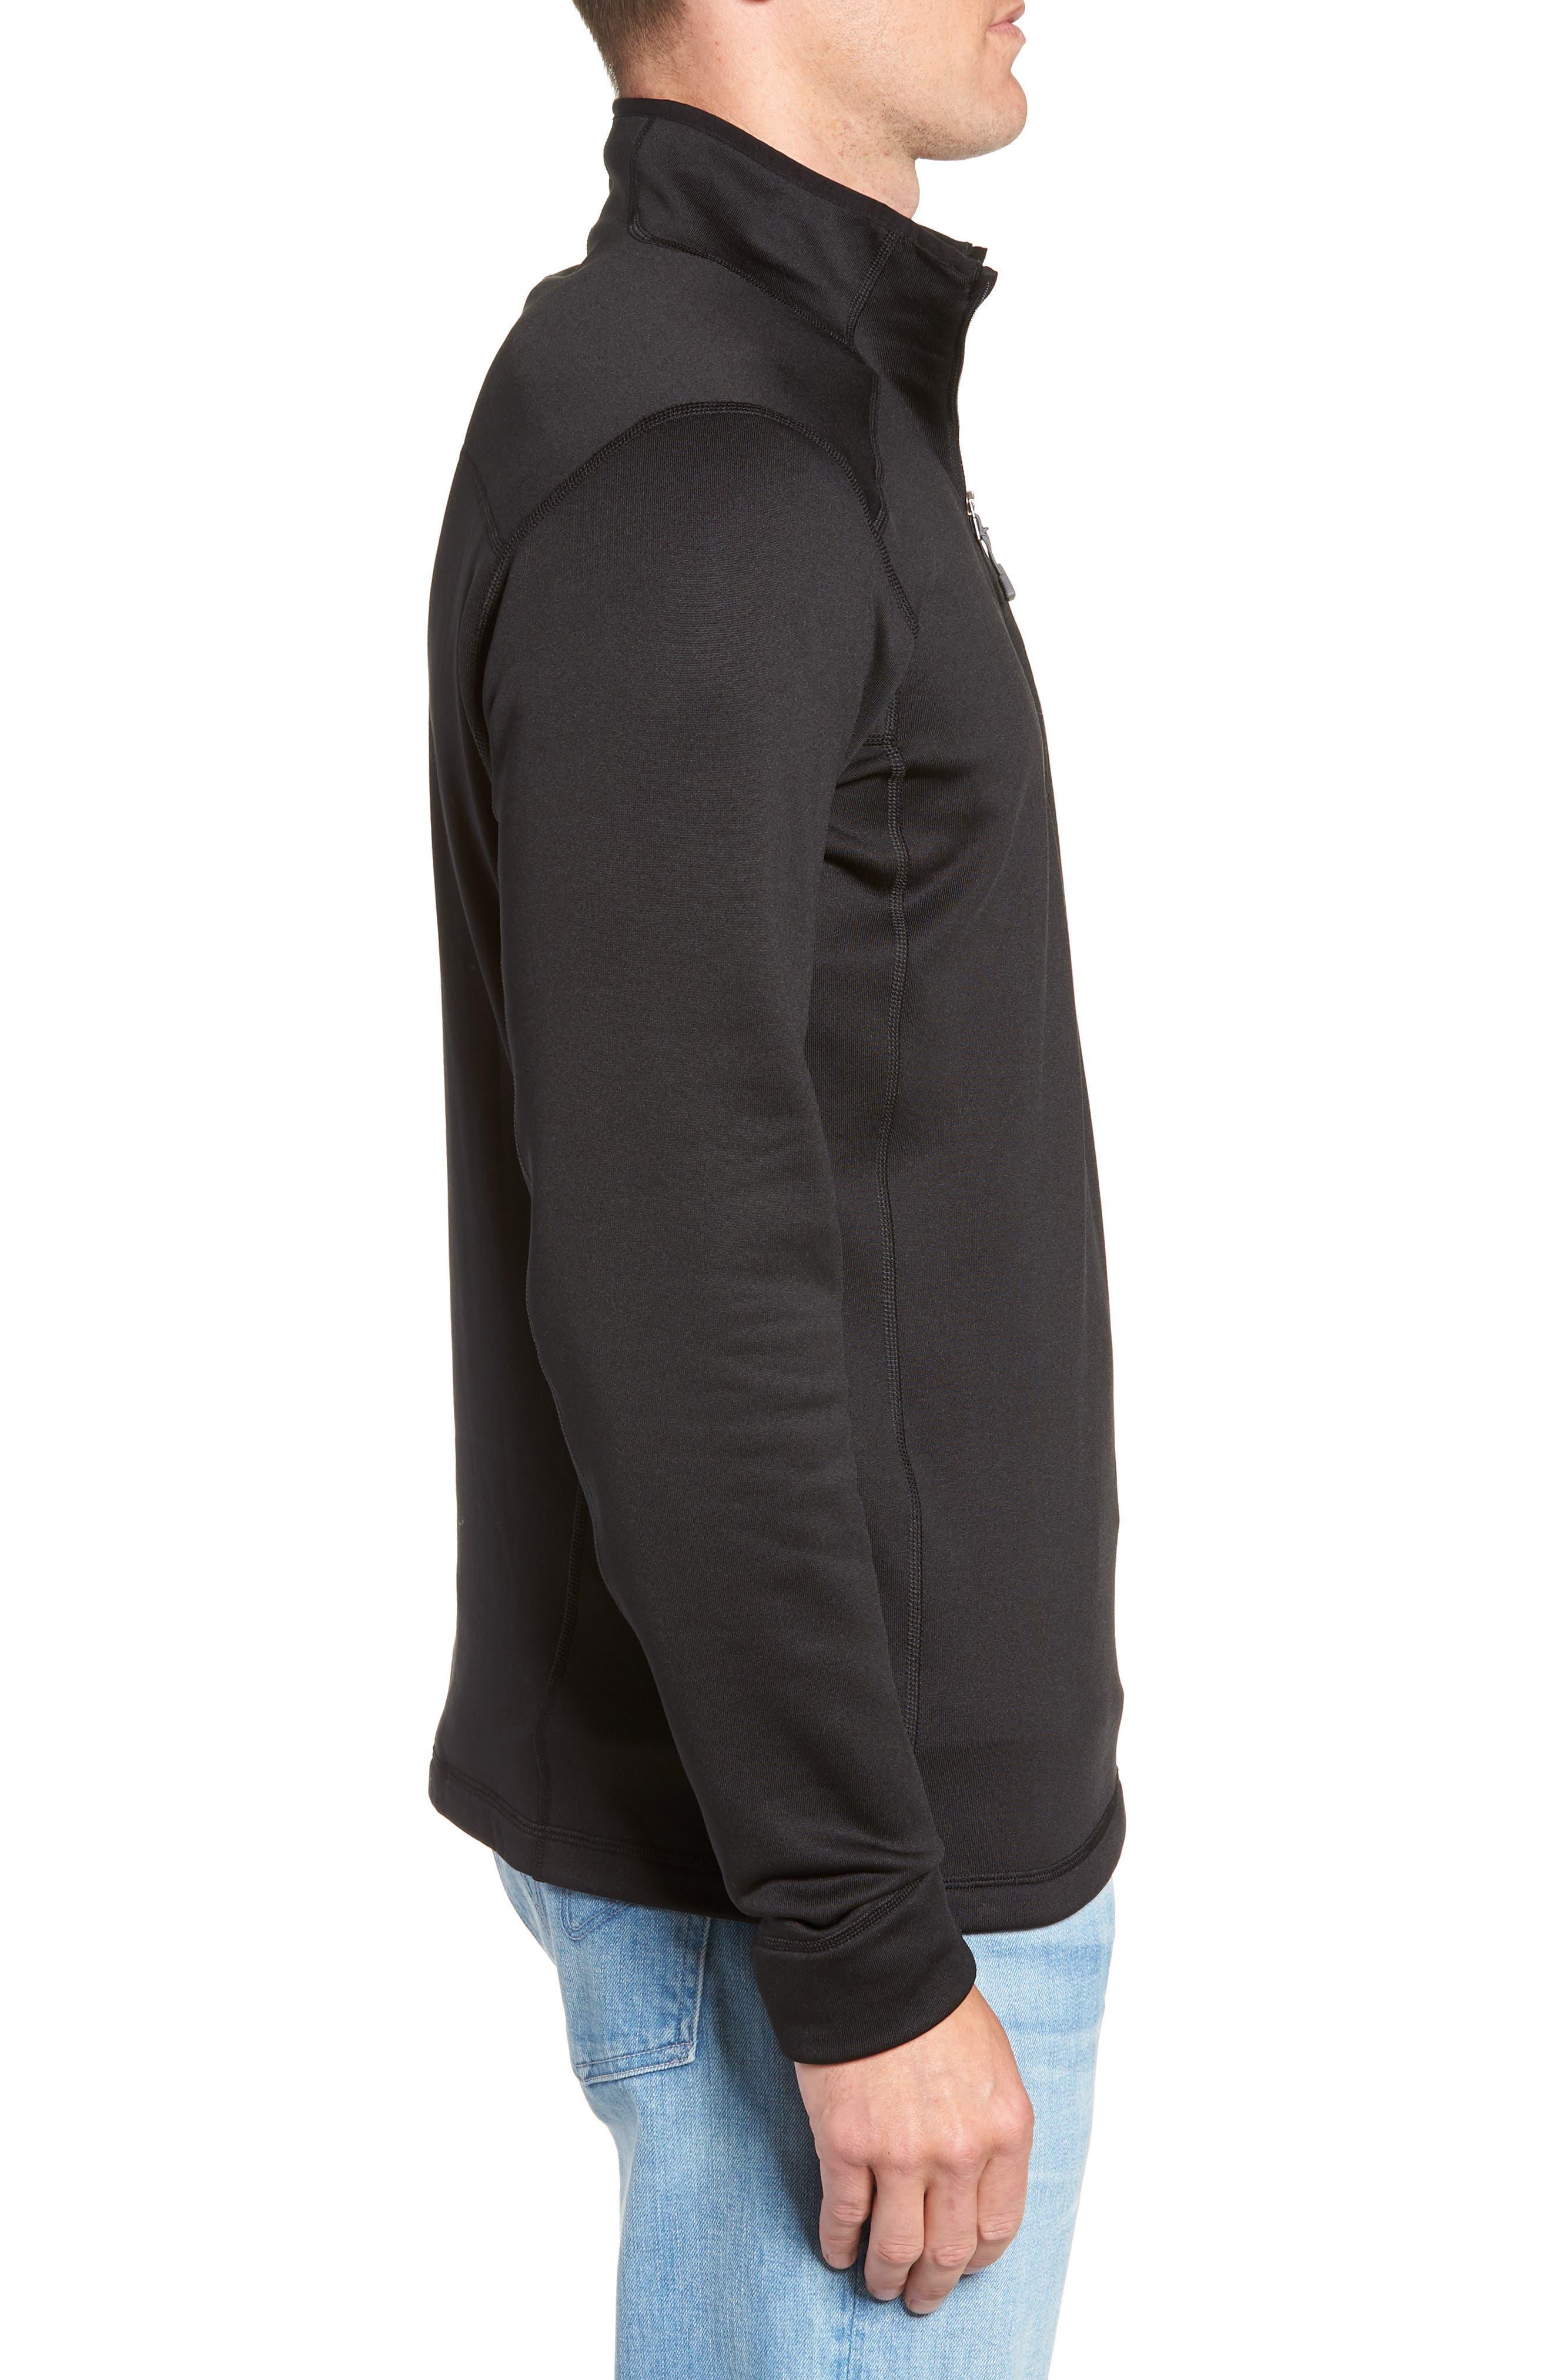 Crosstrek Quarter Zip Fleece Pullover,                             Alternate thumbnail 3, color,                             001